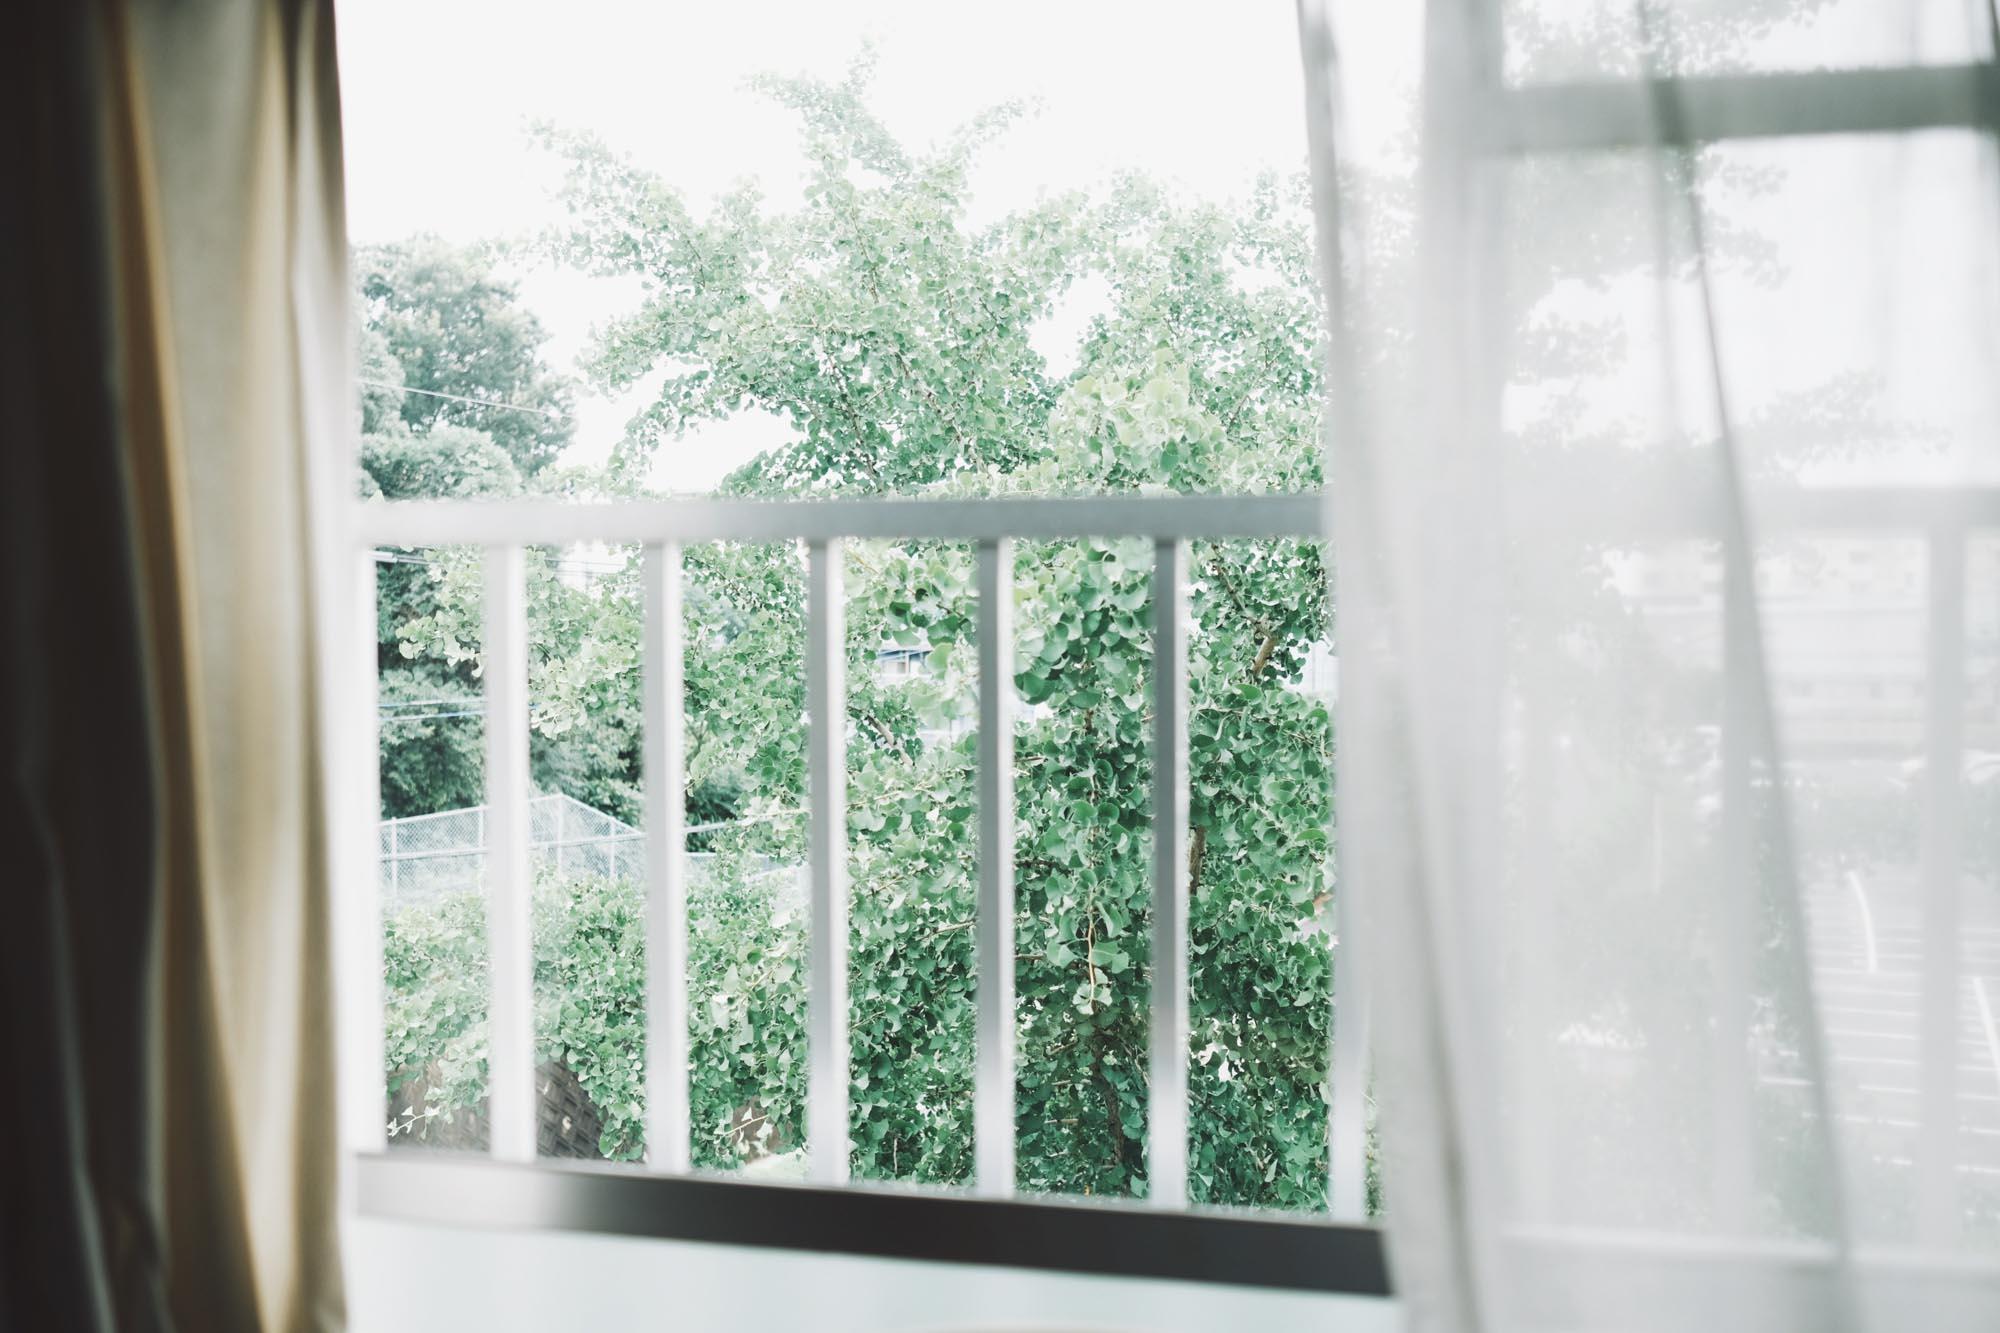 見に行ってみると、団地ならではの「光と風の入り方」が特に気に入ったそう。お部屋の目の前には銀杏の木があって、一年を通して季節を感じられます。